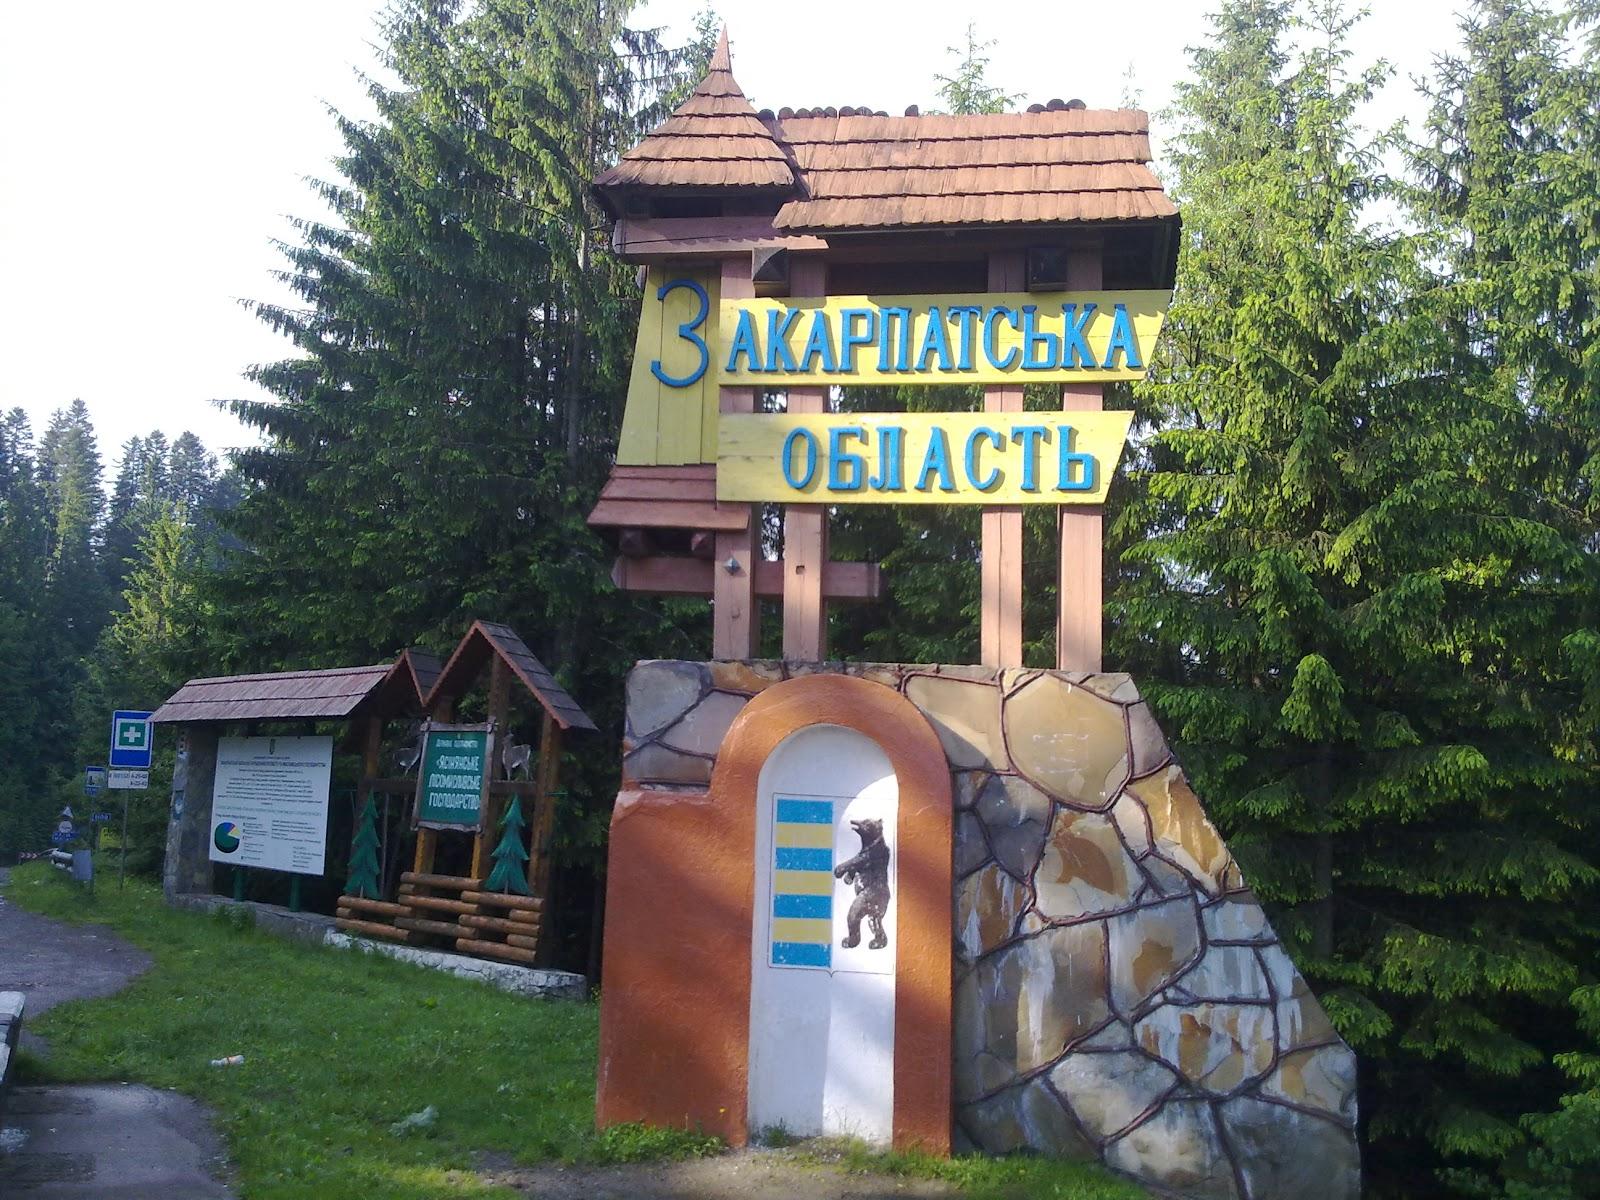 """Закарпаттю треба """"підсвічувати"""" свої маленькі історії і перетворювати їх на туристичні бренди. Про це висловився Богдан Логвиненко, засновник Ukraїner."""